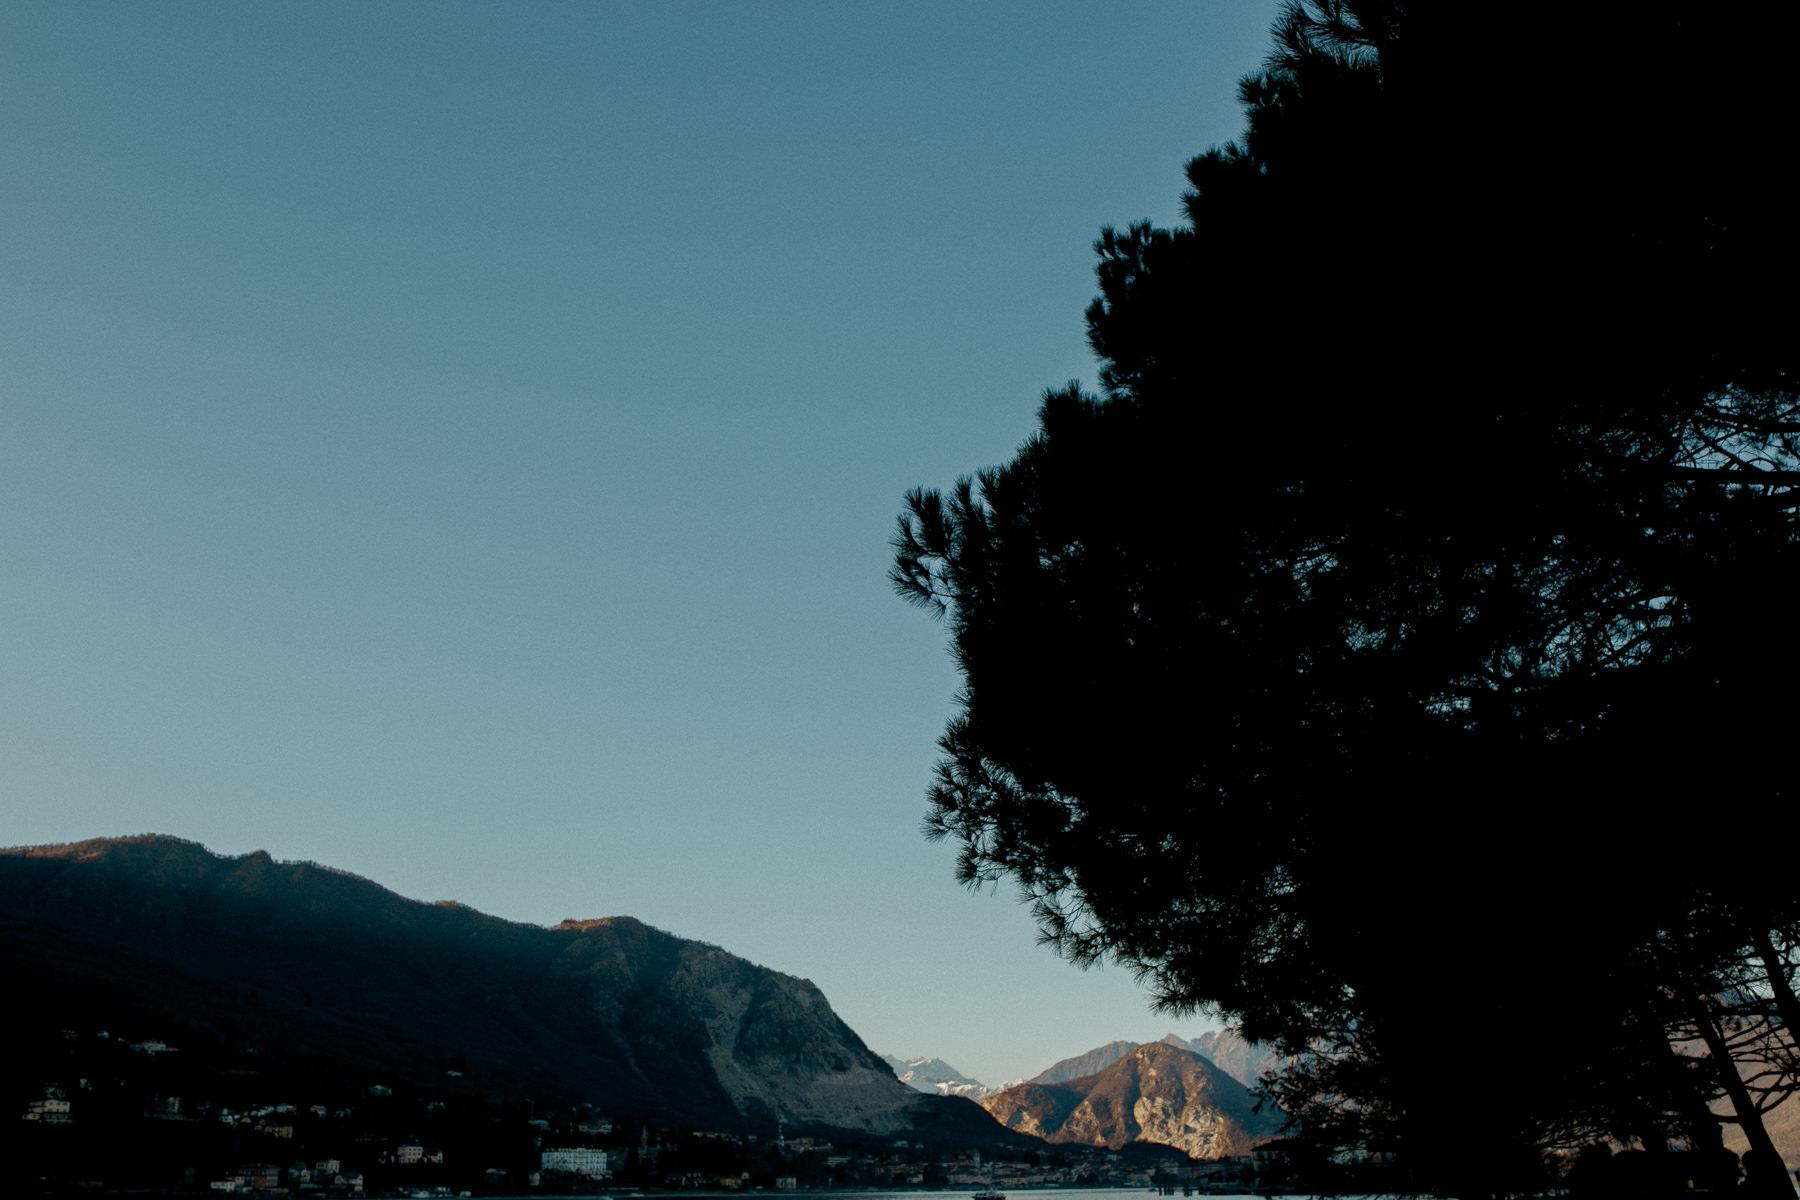 lago_maggiore_italy_liviafigueiredo_8476.jpg